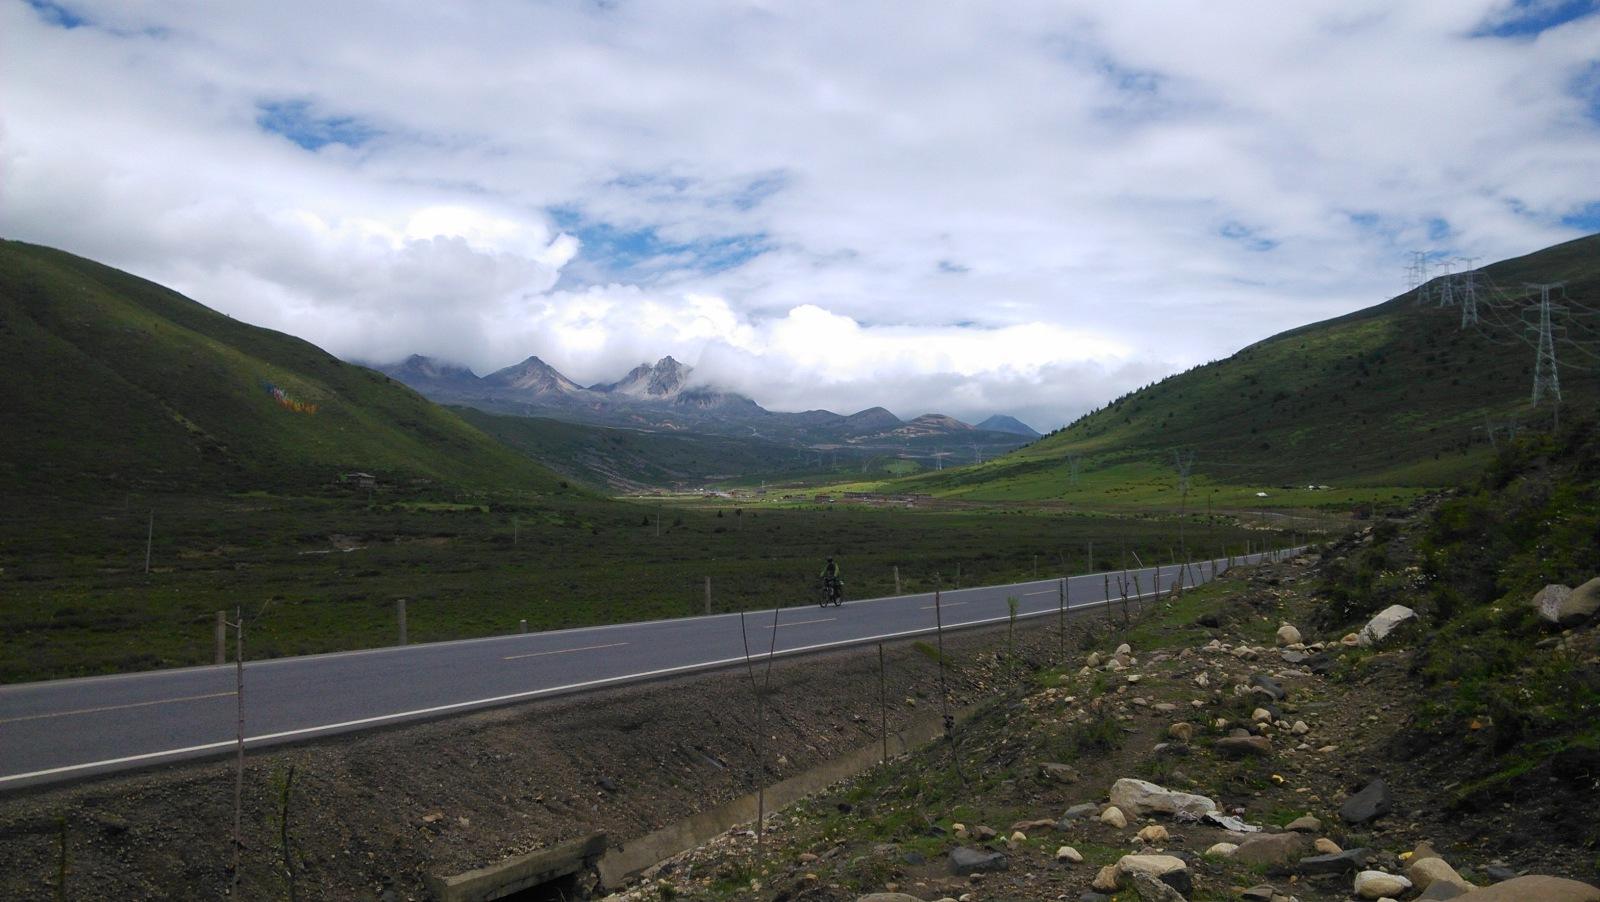 怀着圣神的景仰之情看看来时的路以及远处的高山